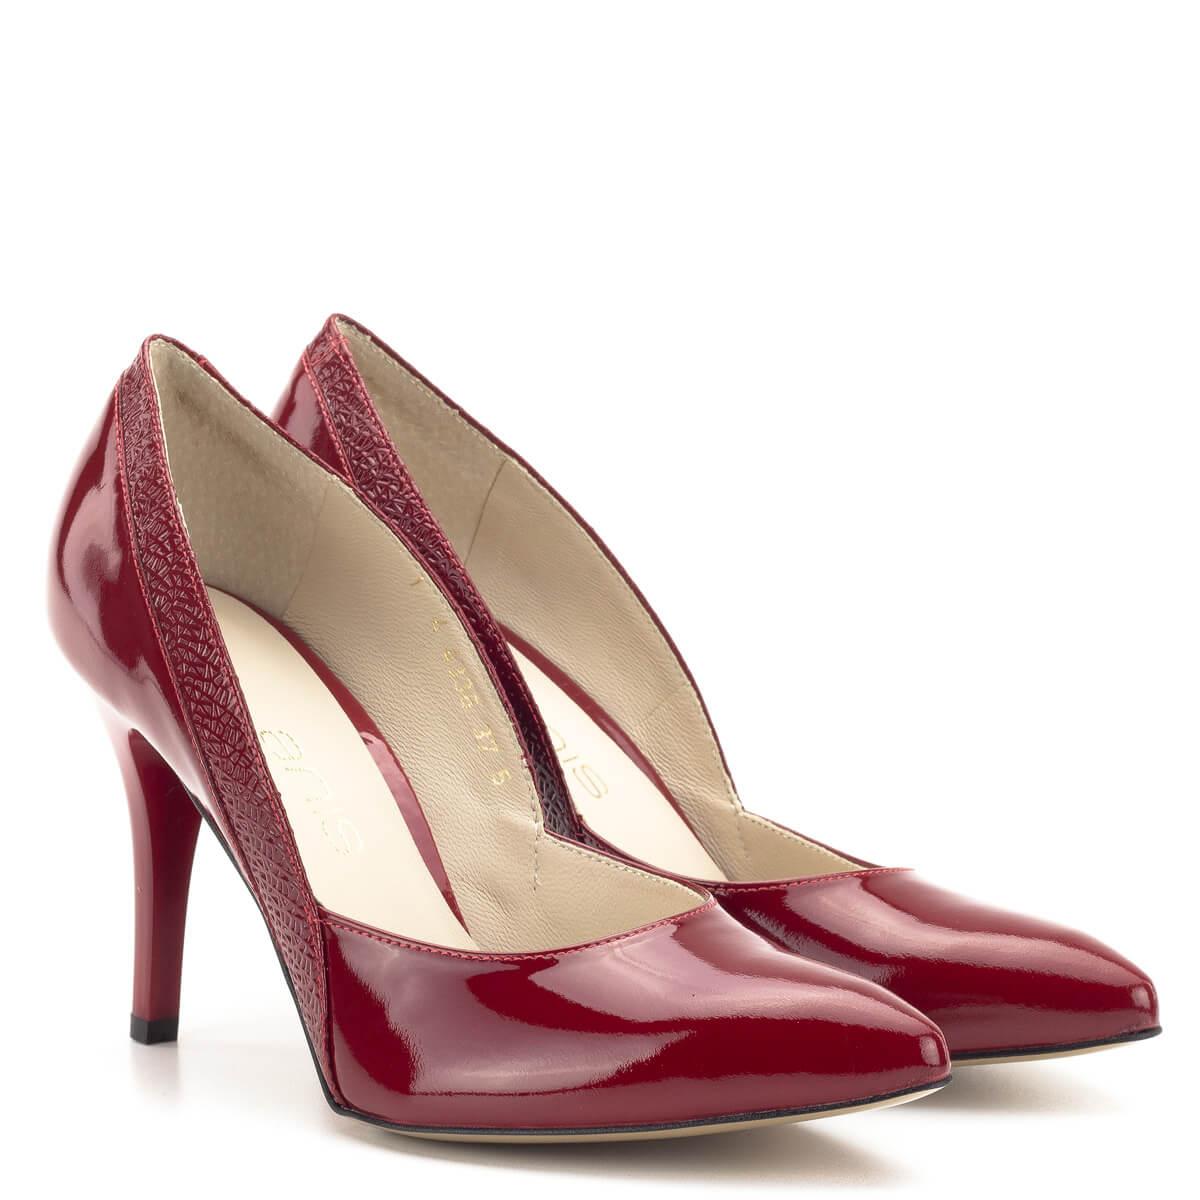 Anis alkalmi cipő - Piros lakk magassarkú cipő bőr béléssel 3ccee1d747